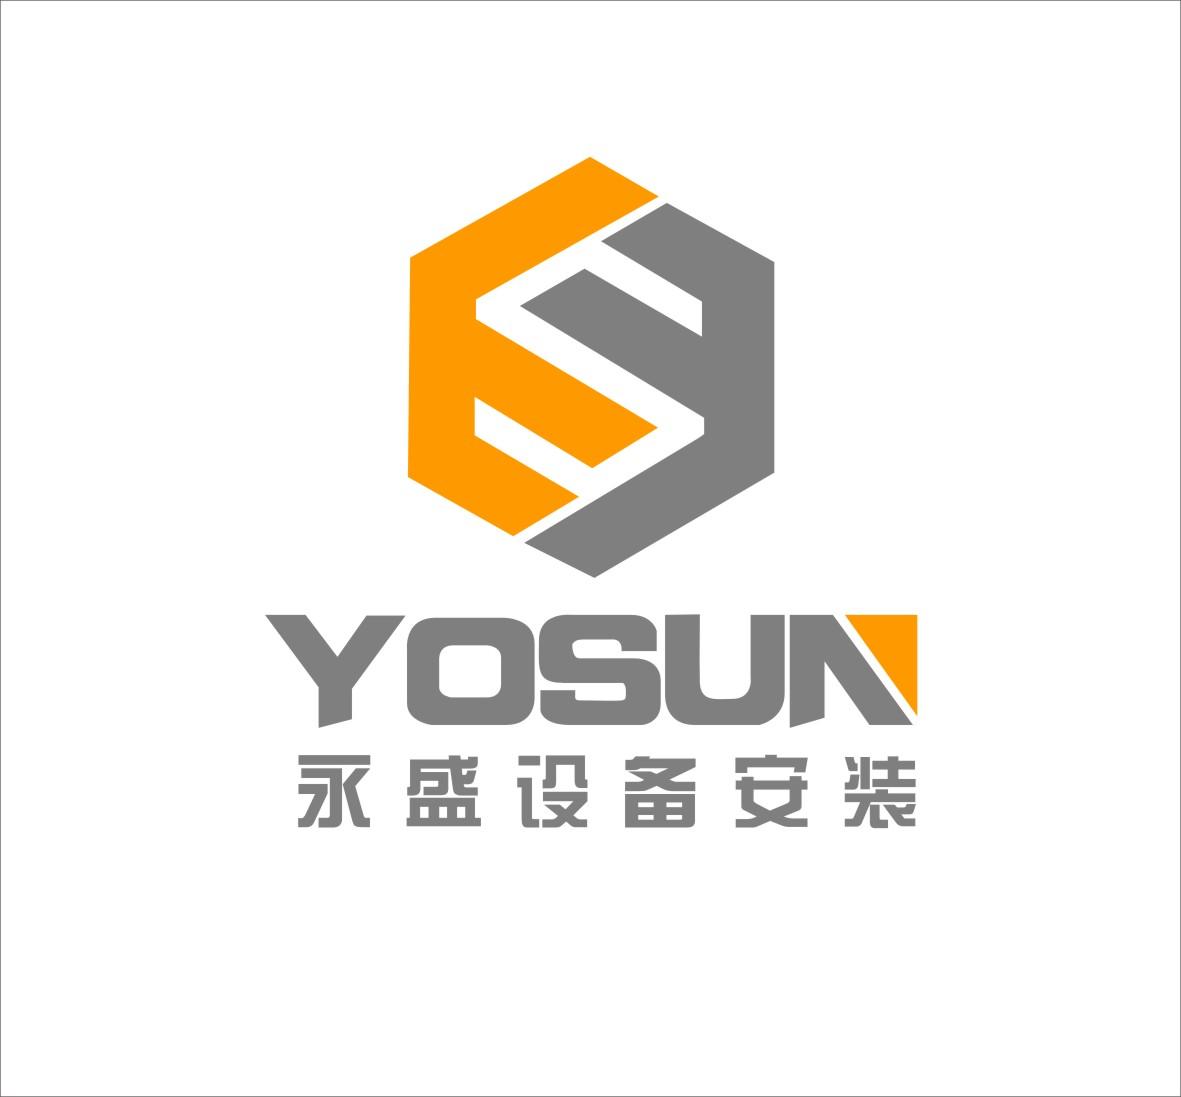 无锡永盛设备安装有限公司日语担当日企招聘信息